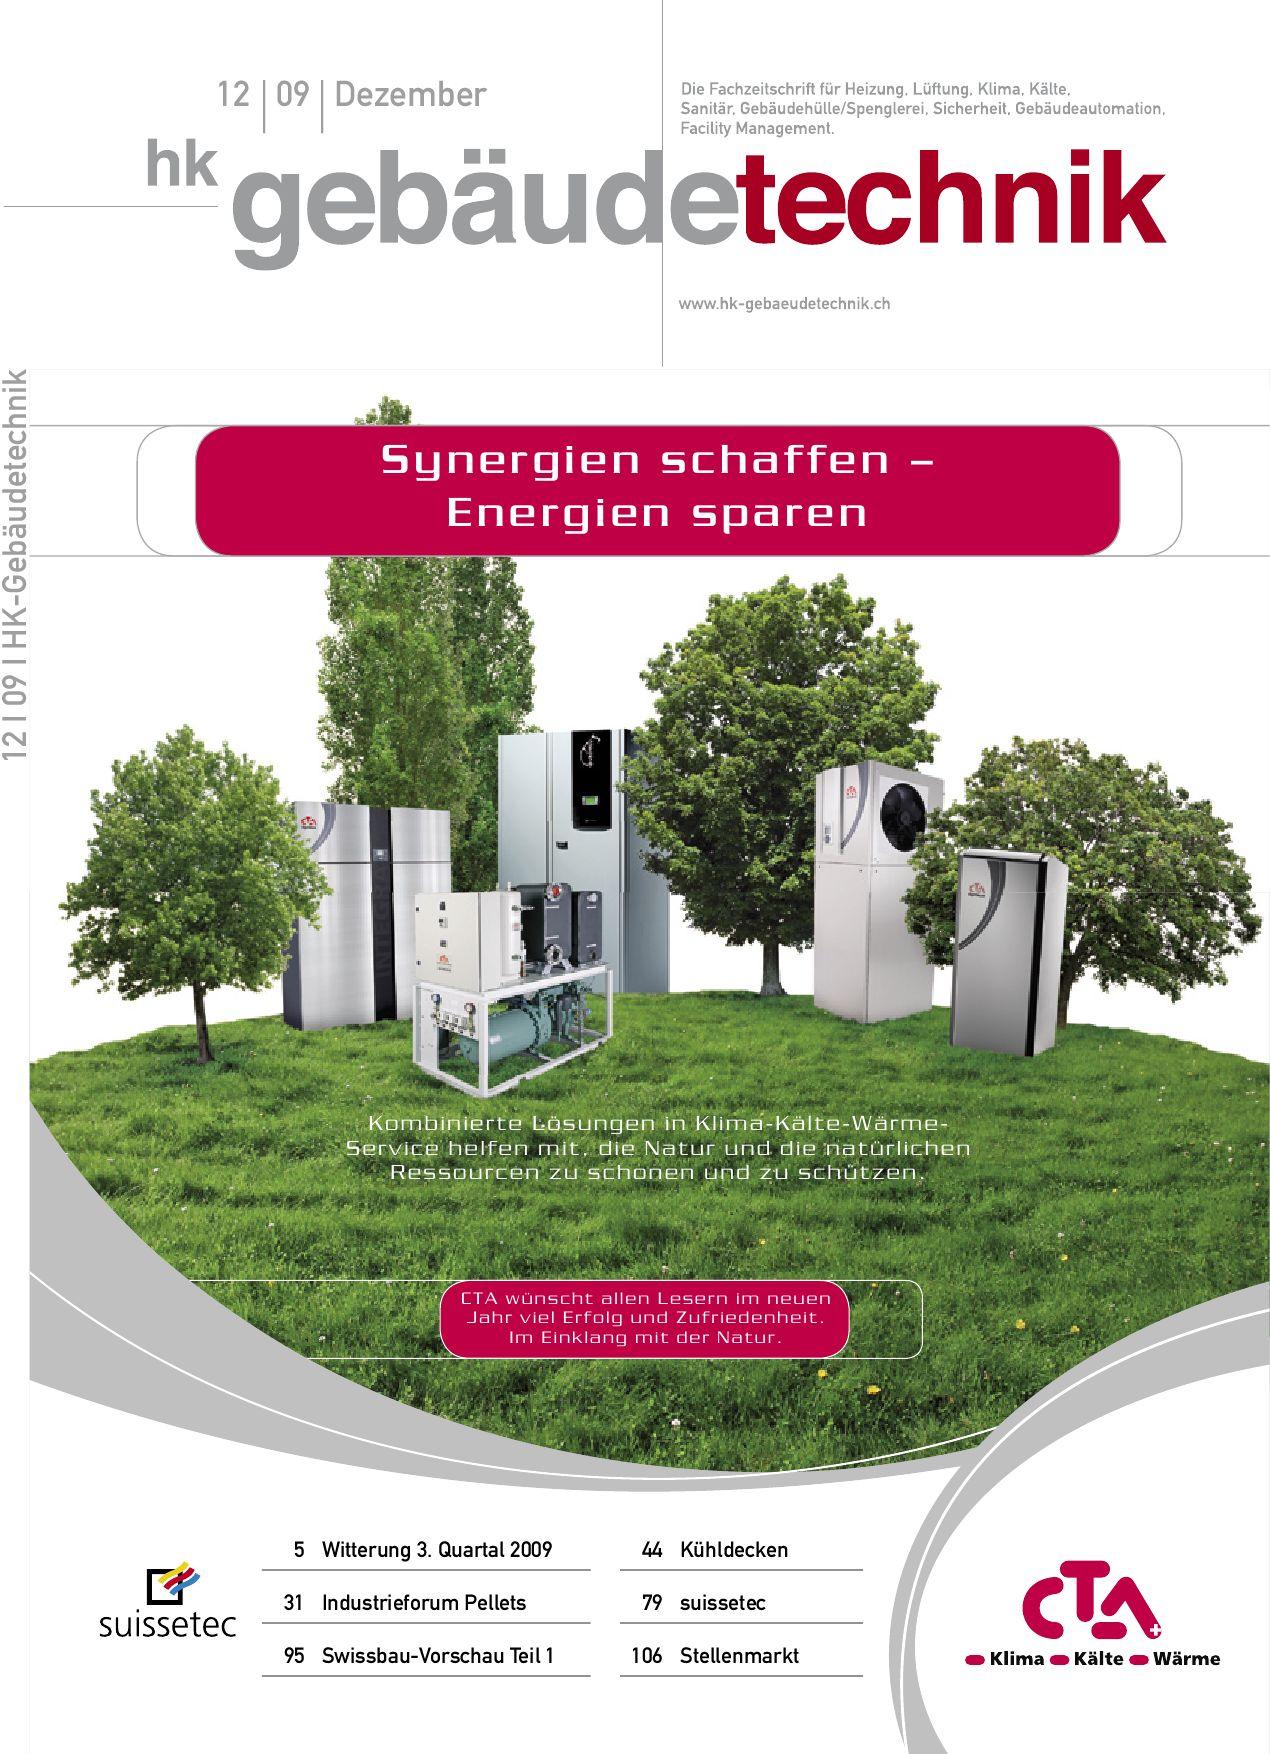 Leuchtturmprojekt - an der Ruhr-Universitt Bochum